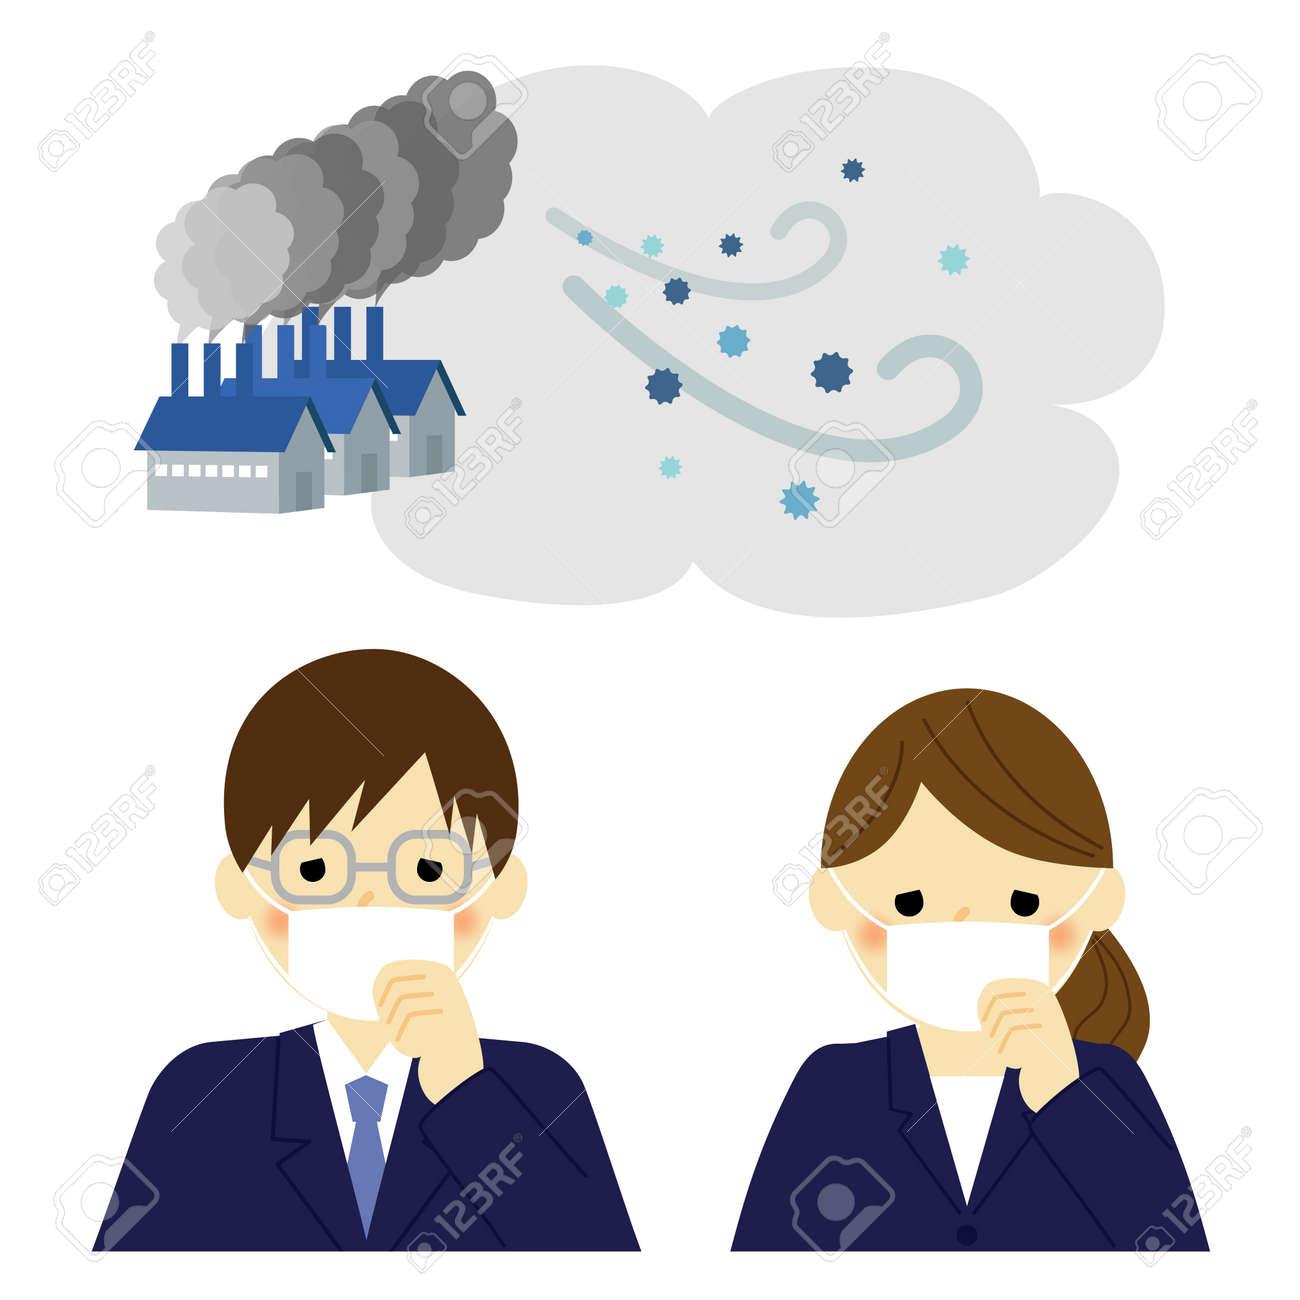 大気汚染ビジネスマンビジネスウーマンのイラスト素材ベクタ